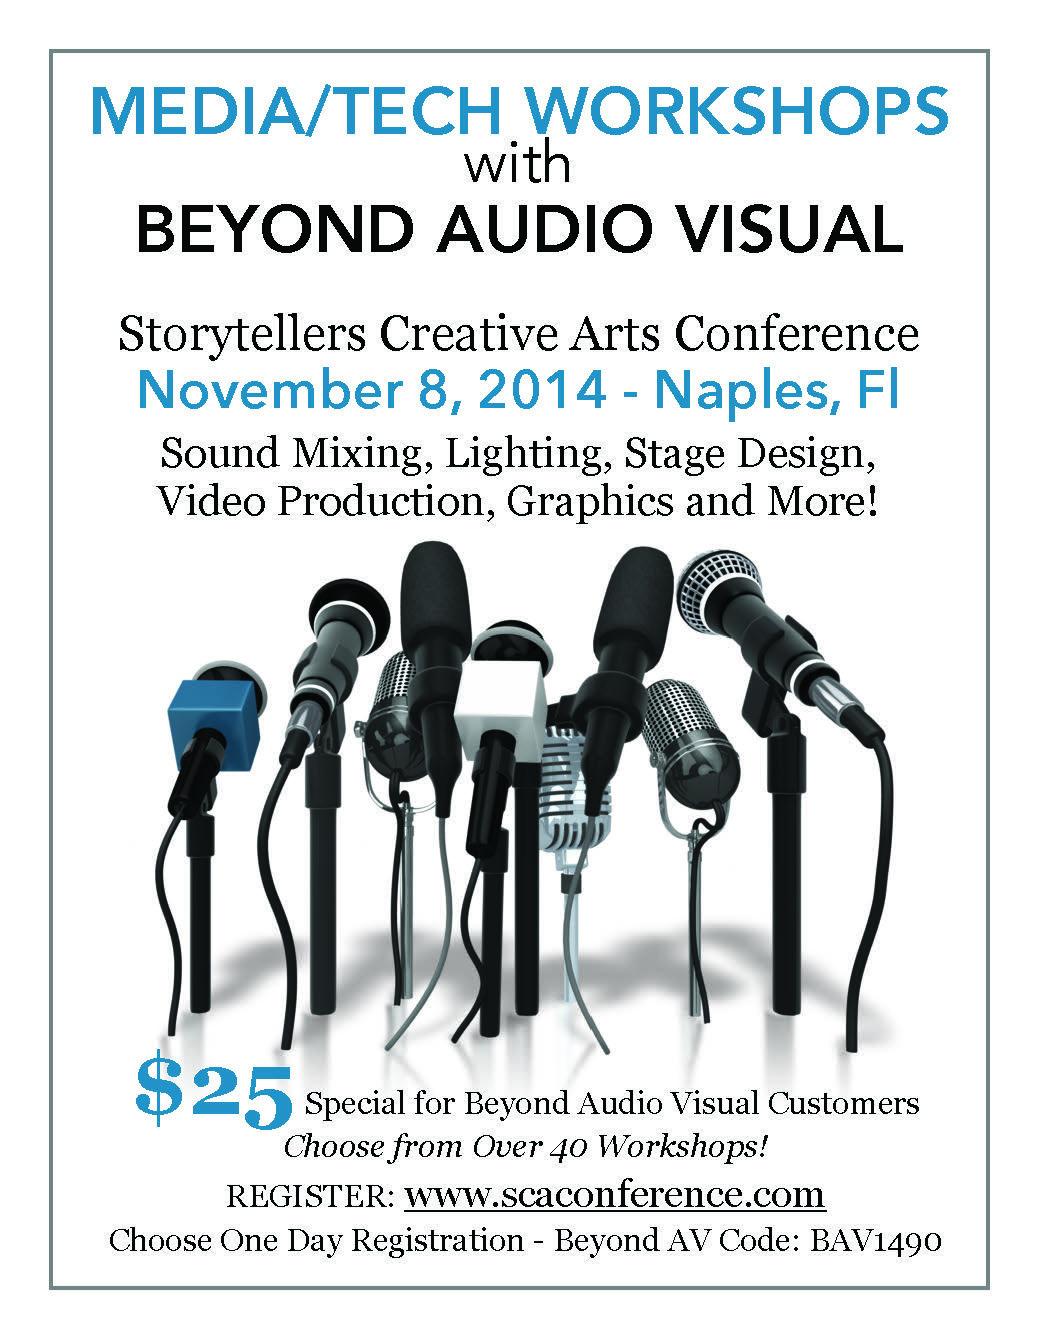 SCA Conf Media Workshops2